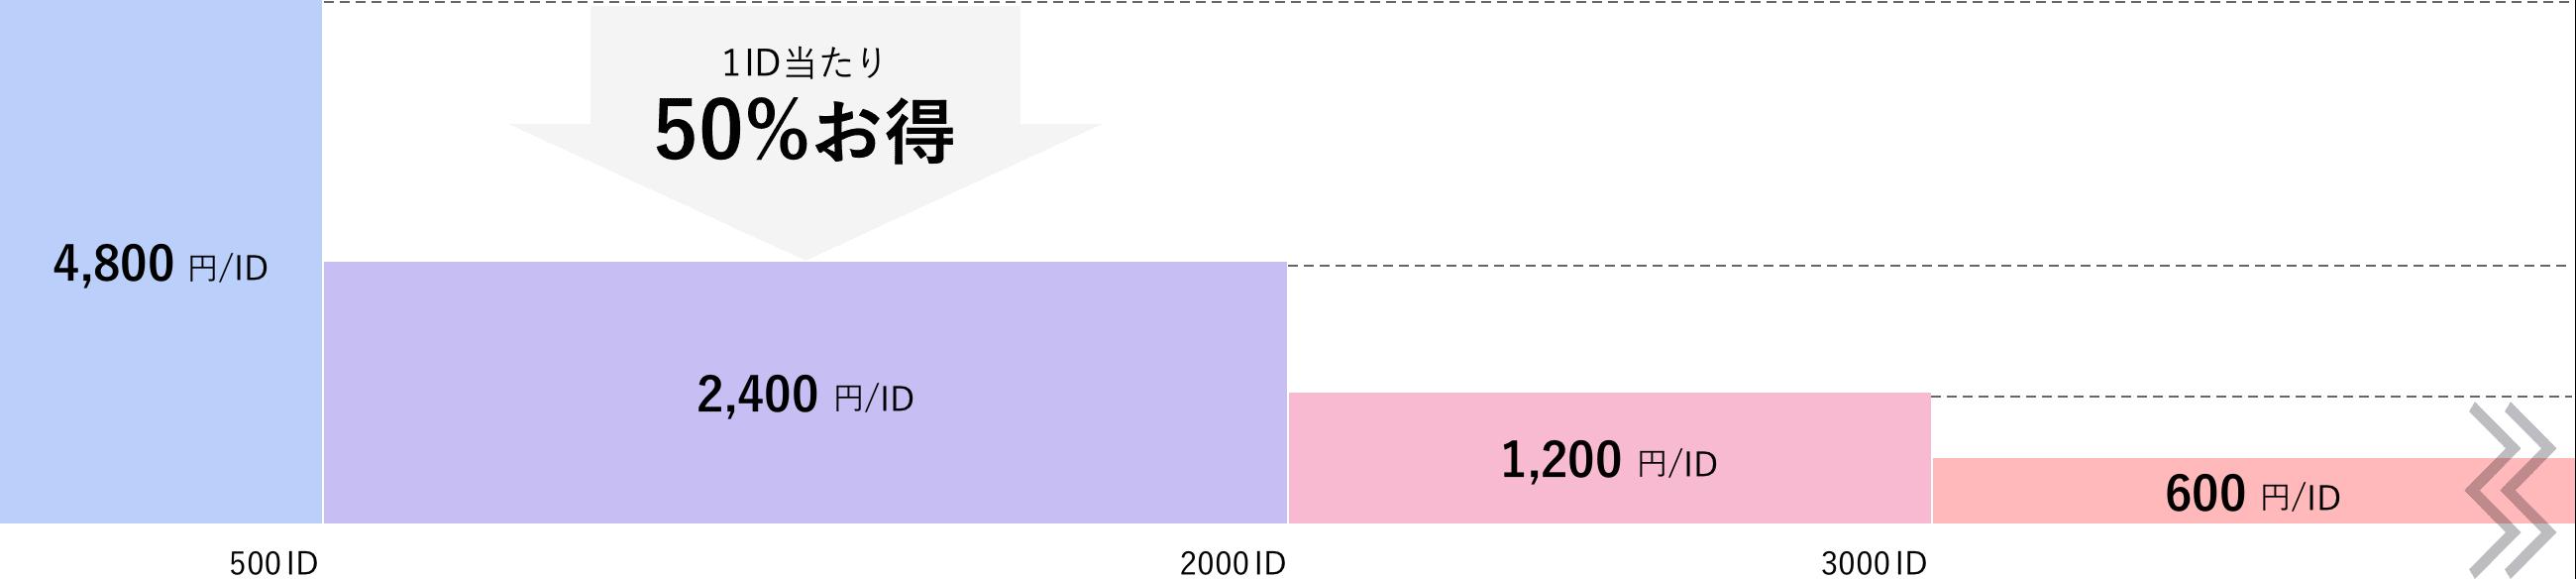 4,800円/名 500名 2,400円/名←一名当たり50%お得 2000名 1,200円/名 3000名 600円/名